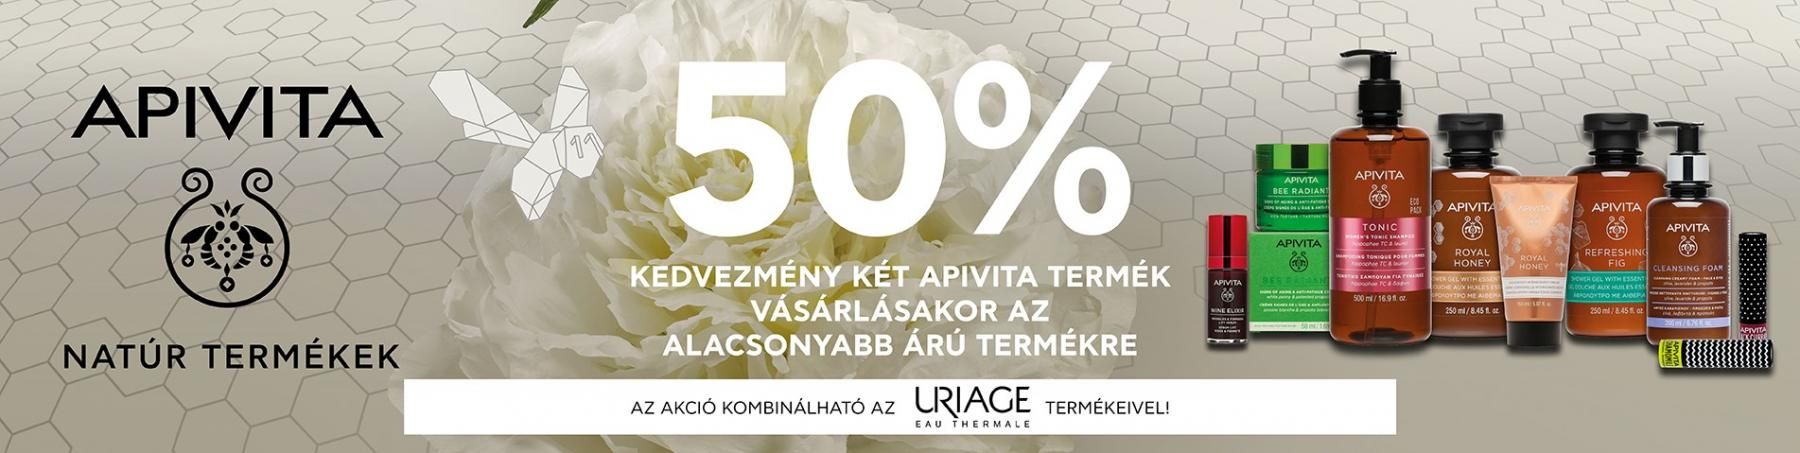 Apivita - Uriage 50% akció